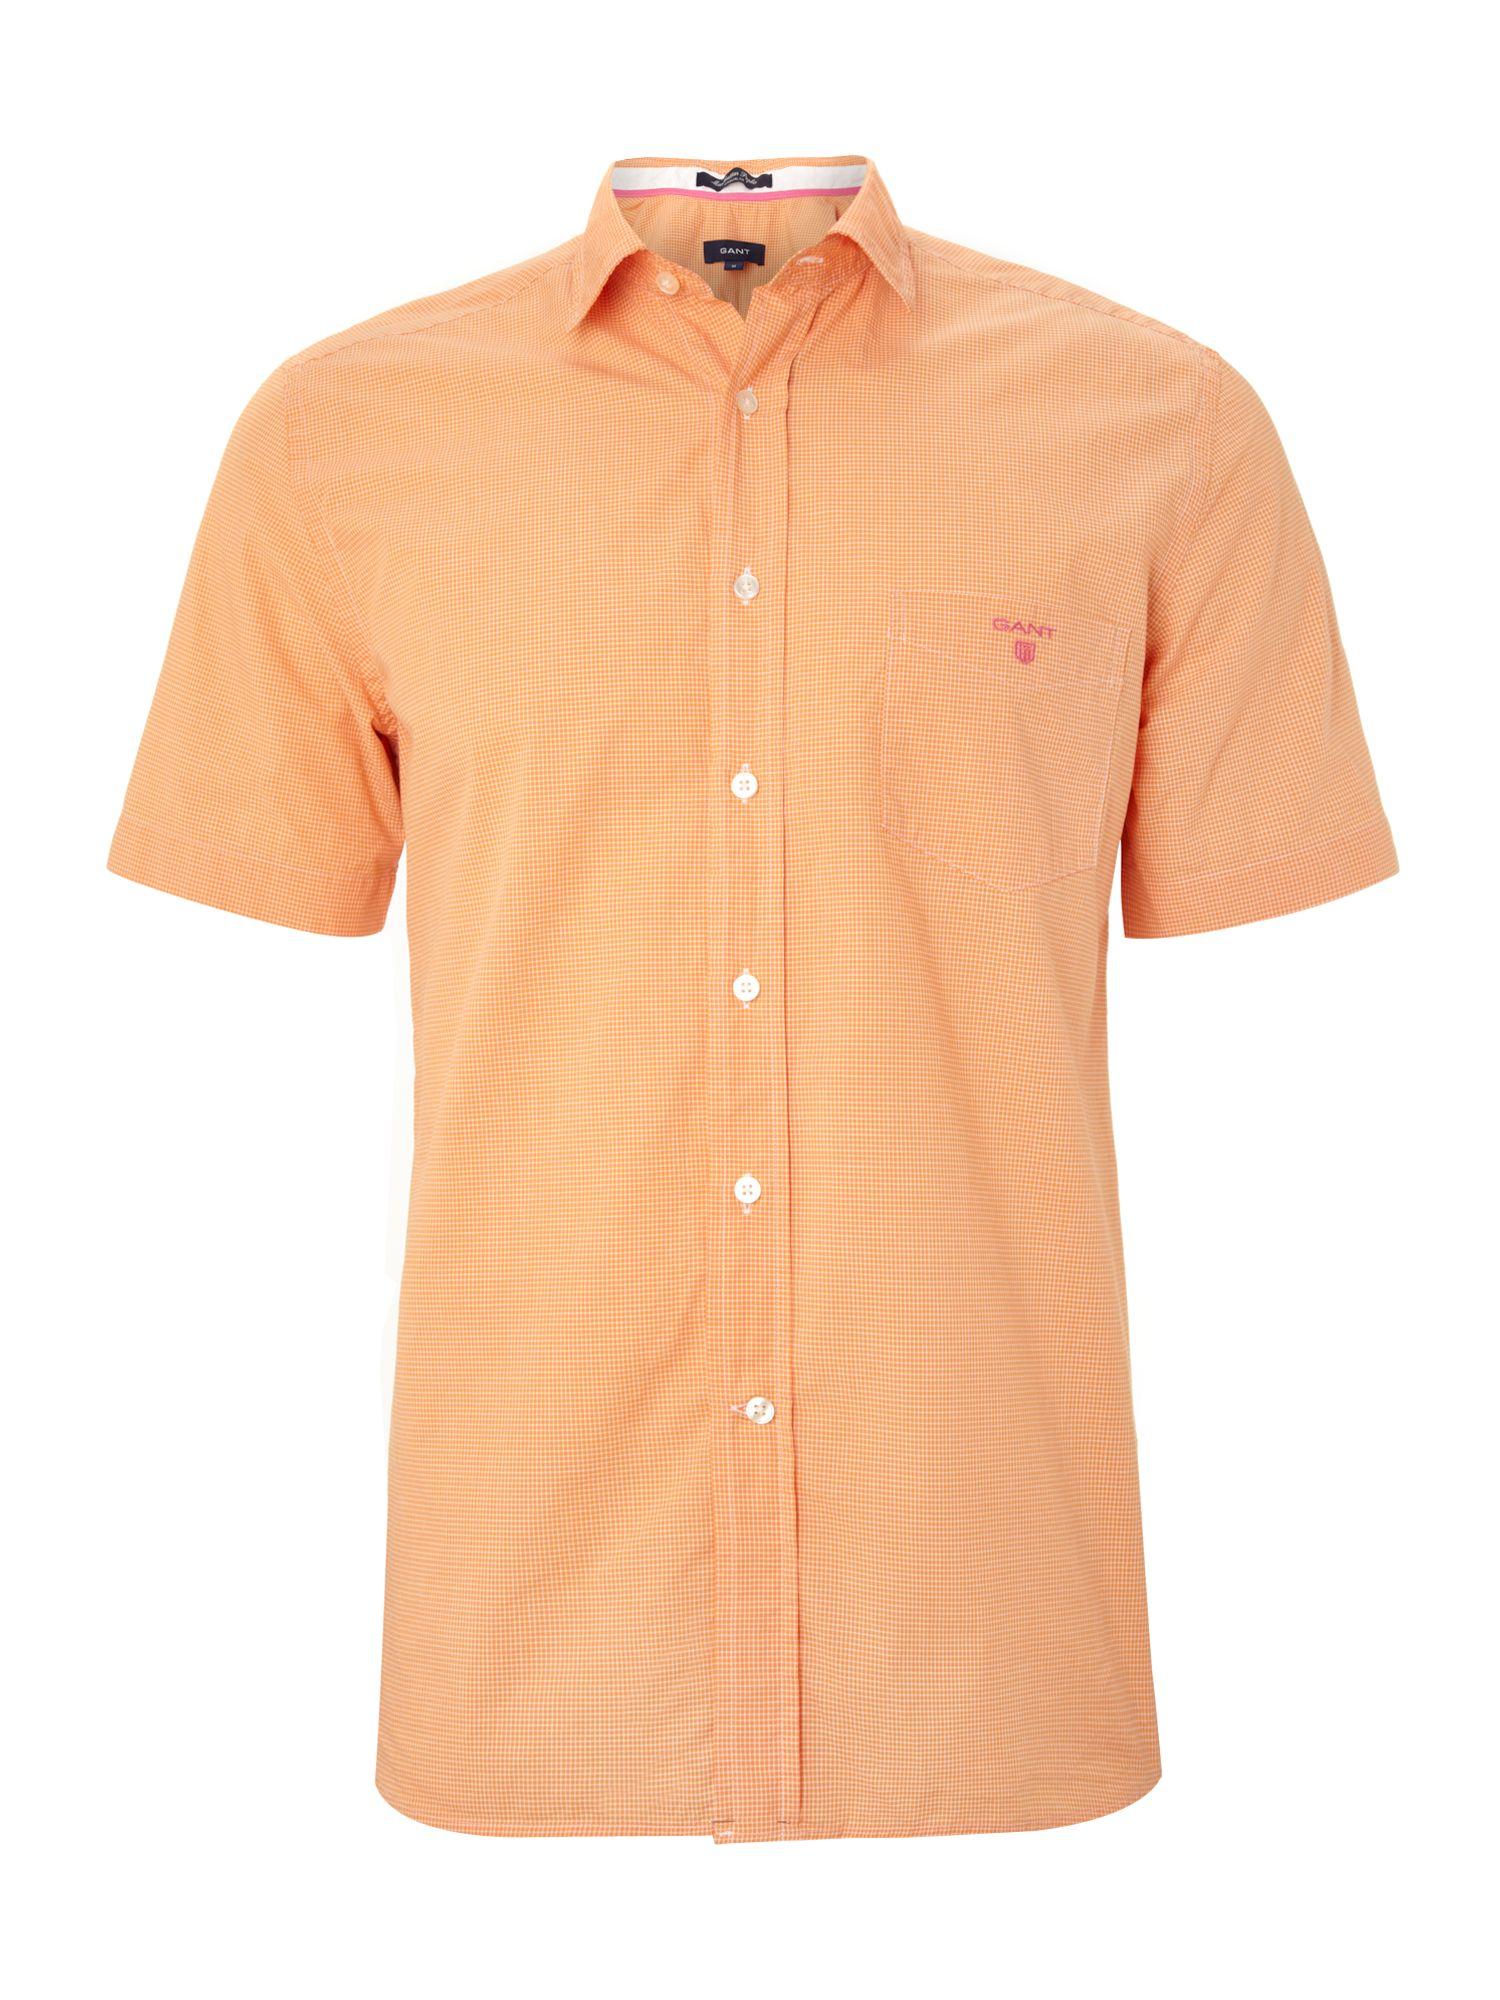 Gant Short Sleeve Custom Fit Multi Check Shirt In Orange